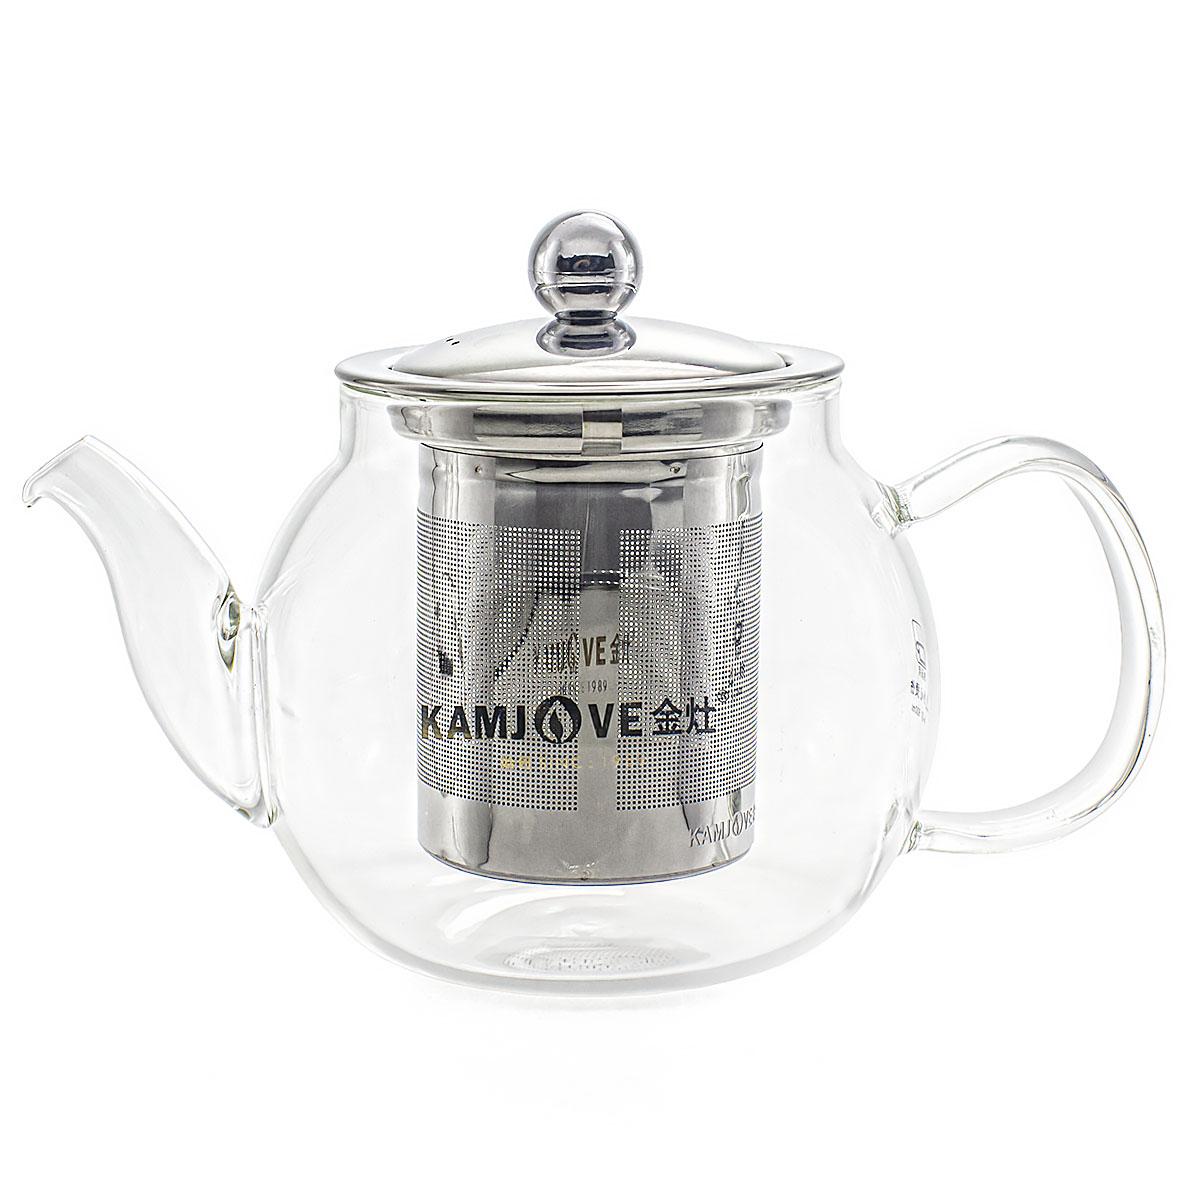 Стеклянный заварочный чайник Kamjove А-07 с ситом 600 мл.